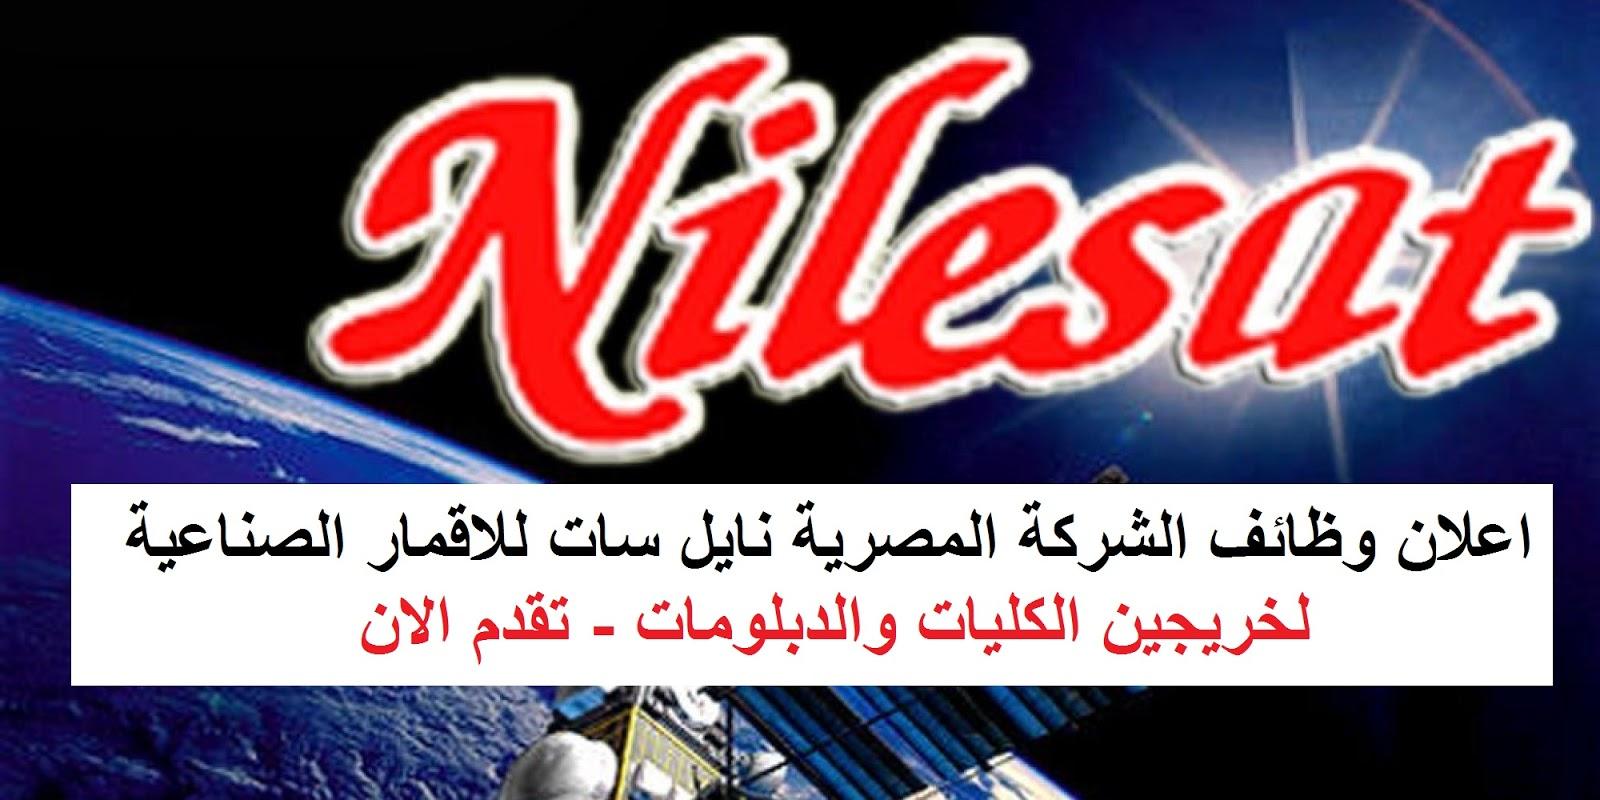 اعلان وظائف الشركة المصرية نايل سات للاقمار الصناعية لخريجين الكليات والدبلومات - تقدم الان